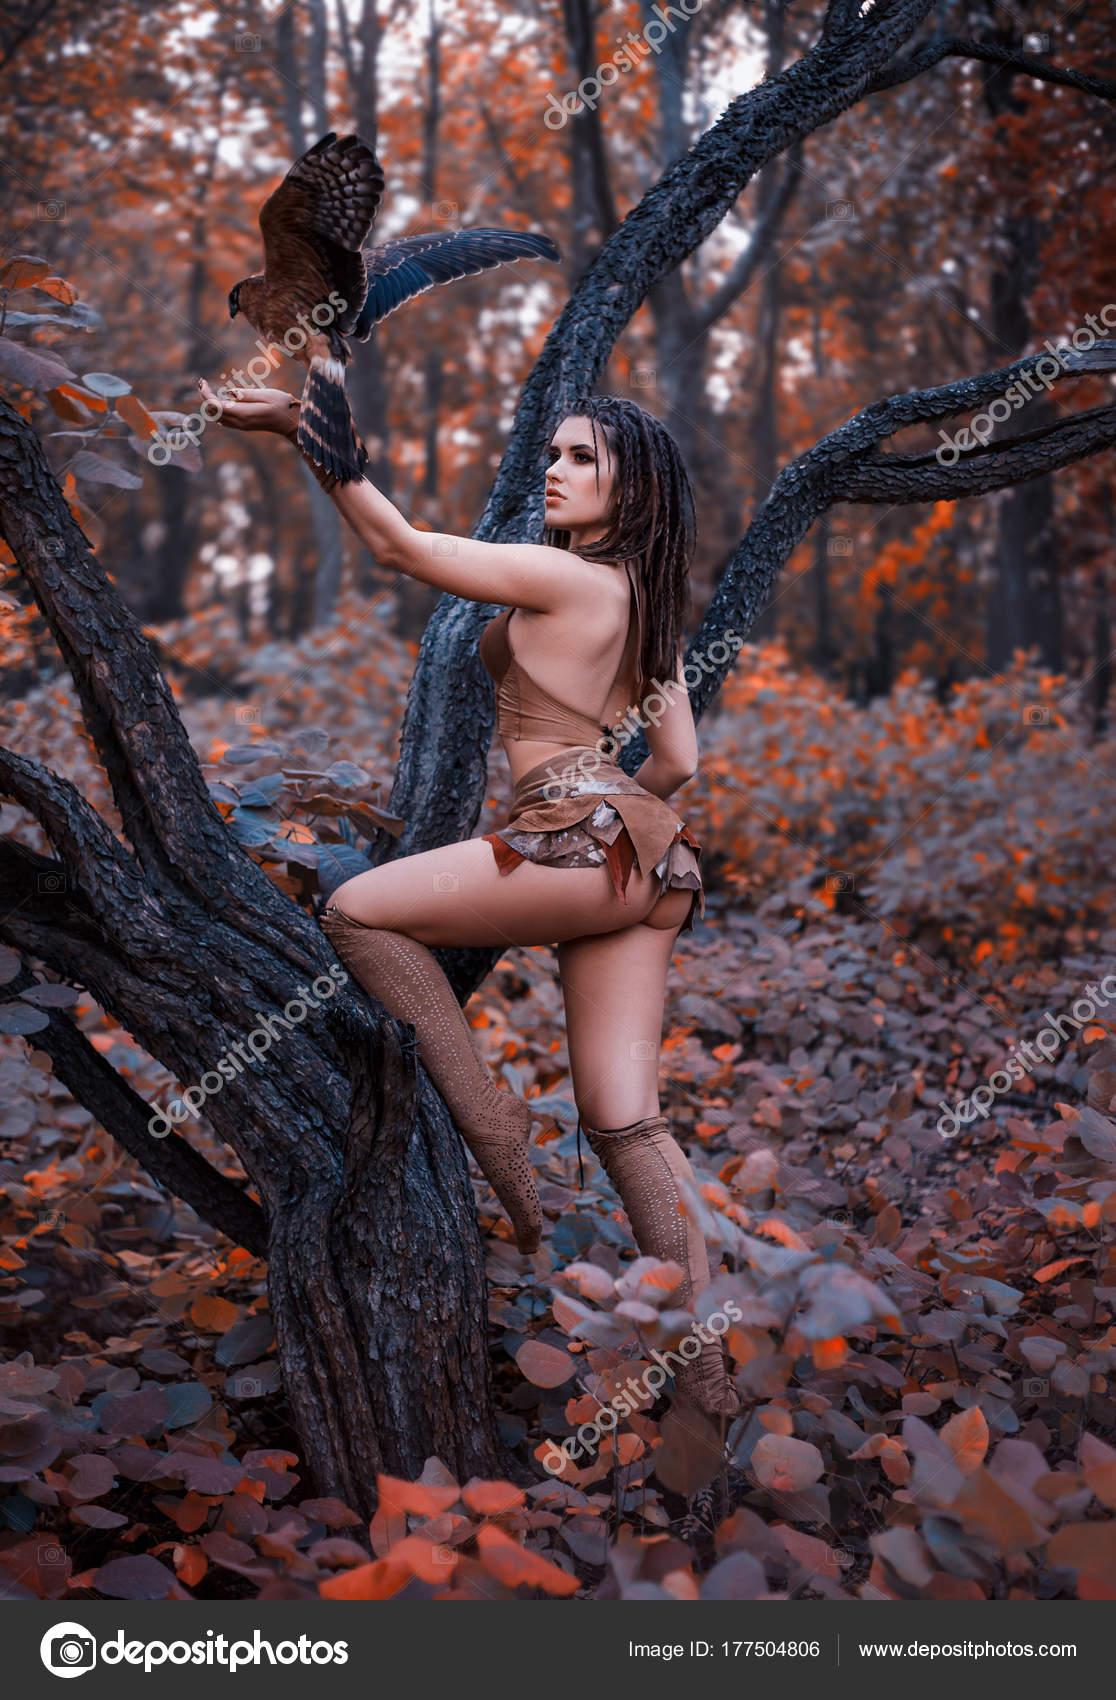 μαύρο σεξ στη ζούγκλα